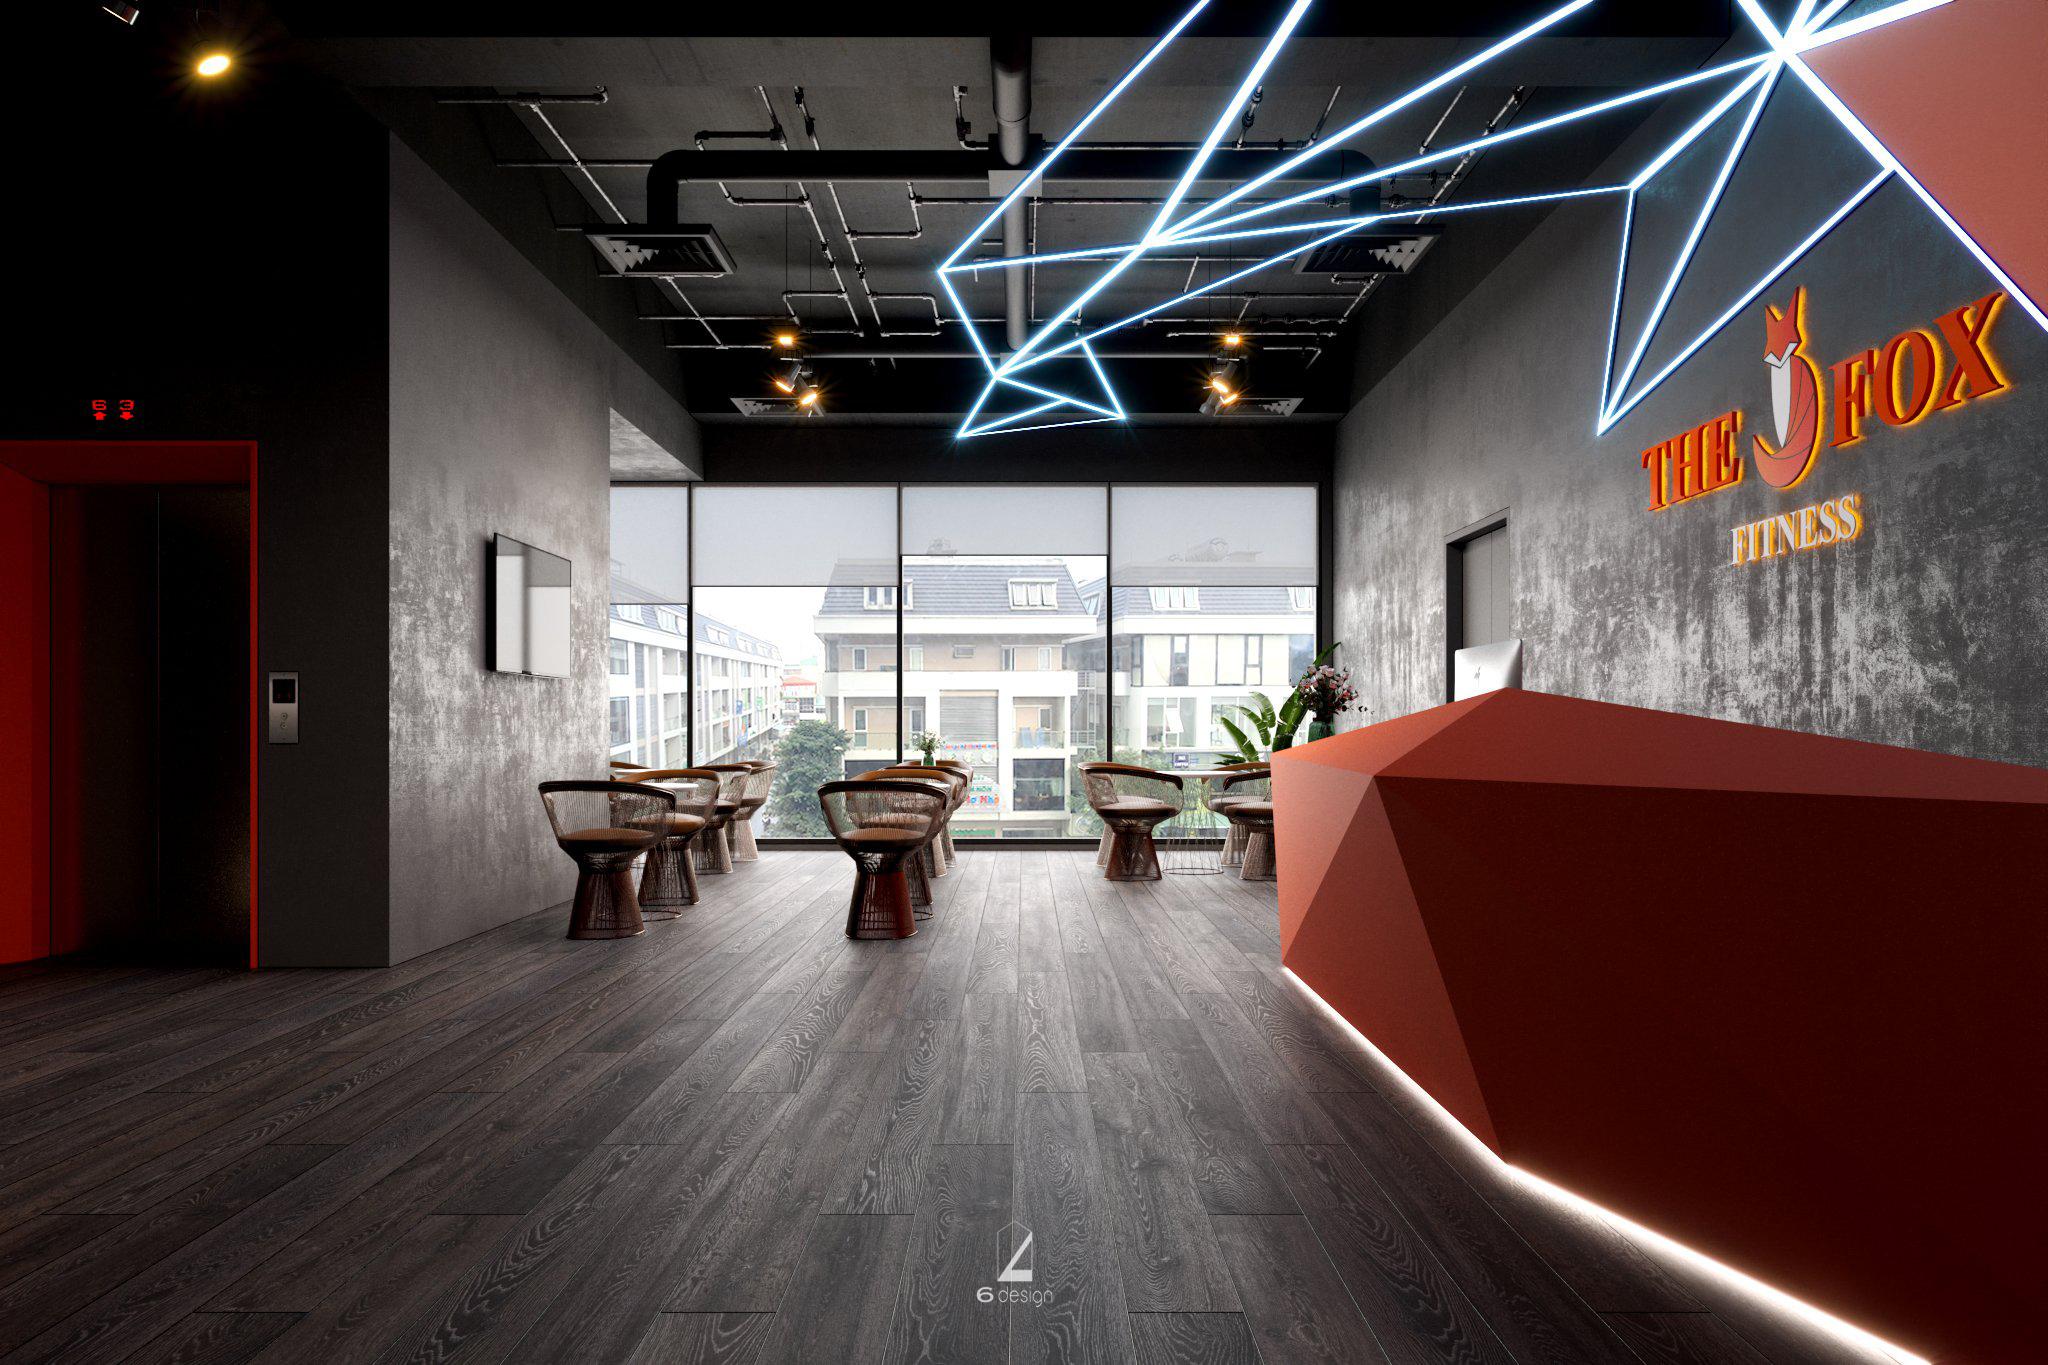 Thiết kế nội thất Công Trình Công Cộng tại Hà Nội THIẾT KẾ NỘI THẤT PHÒNG GYM HÀ ĐÔNG PLUS 1631333000 8